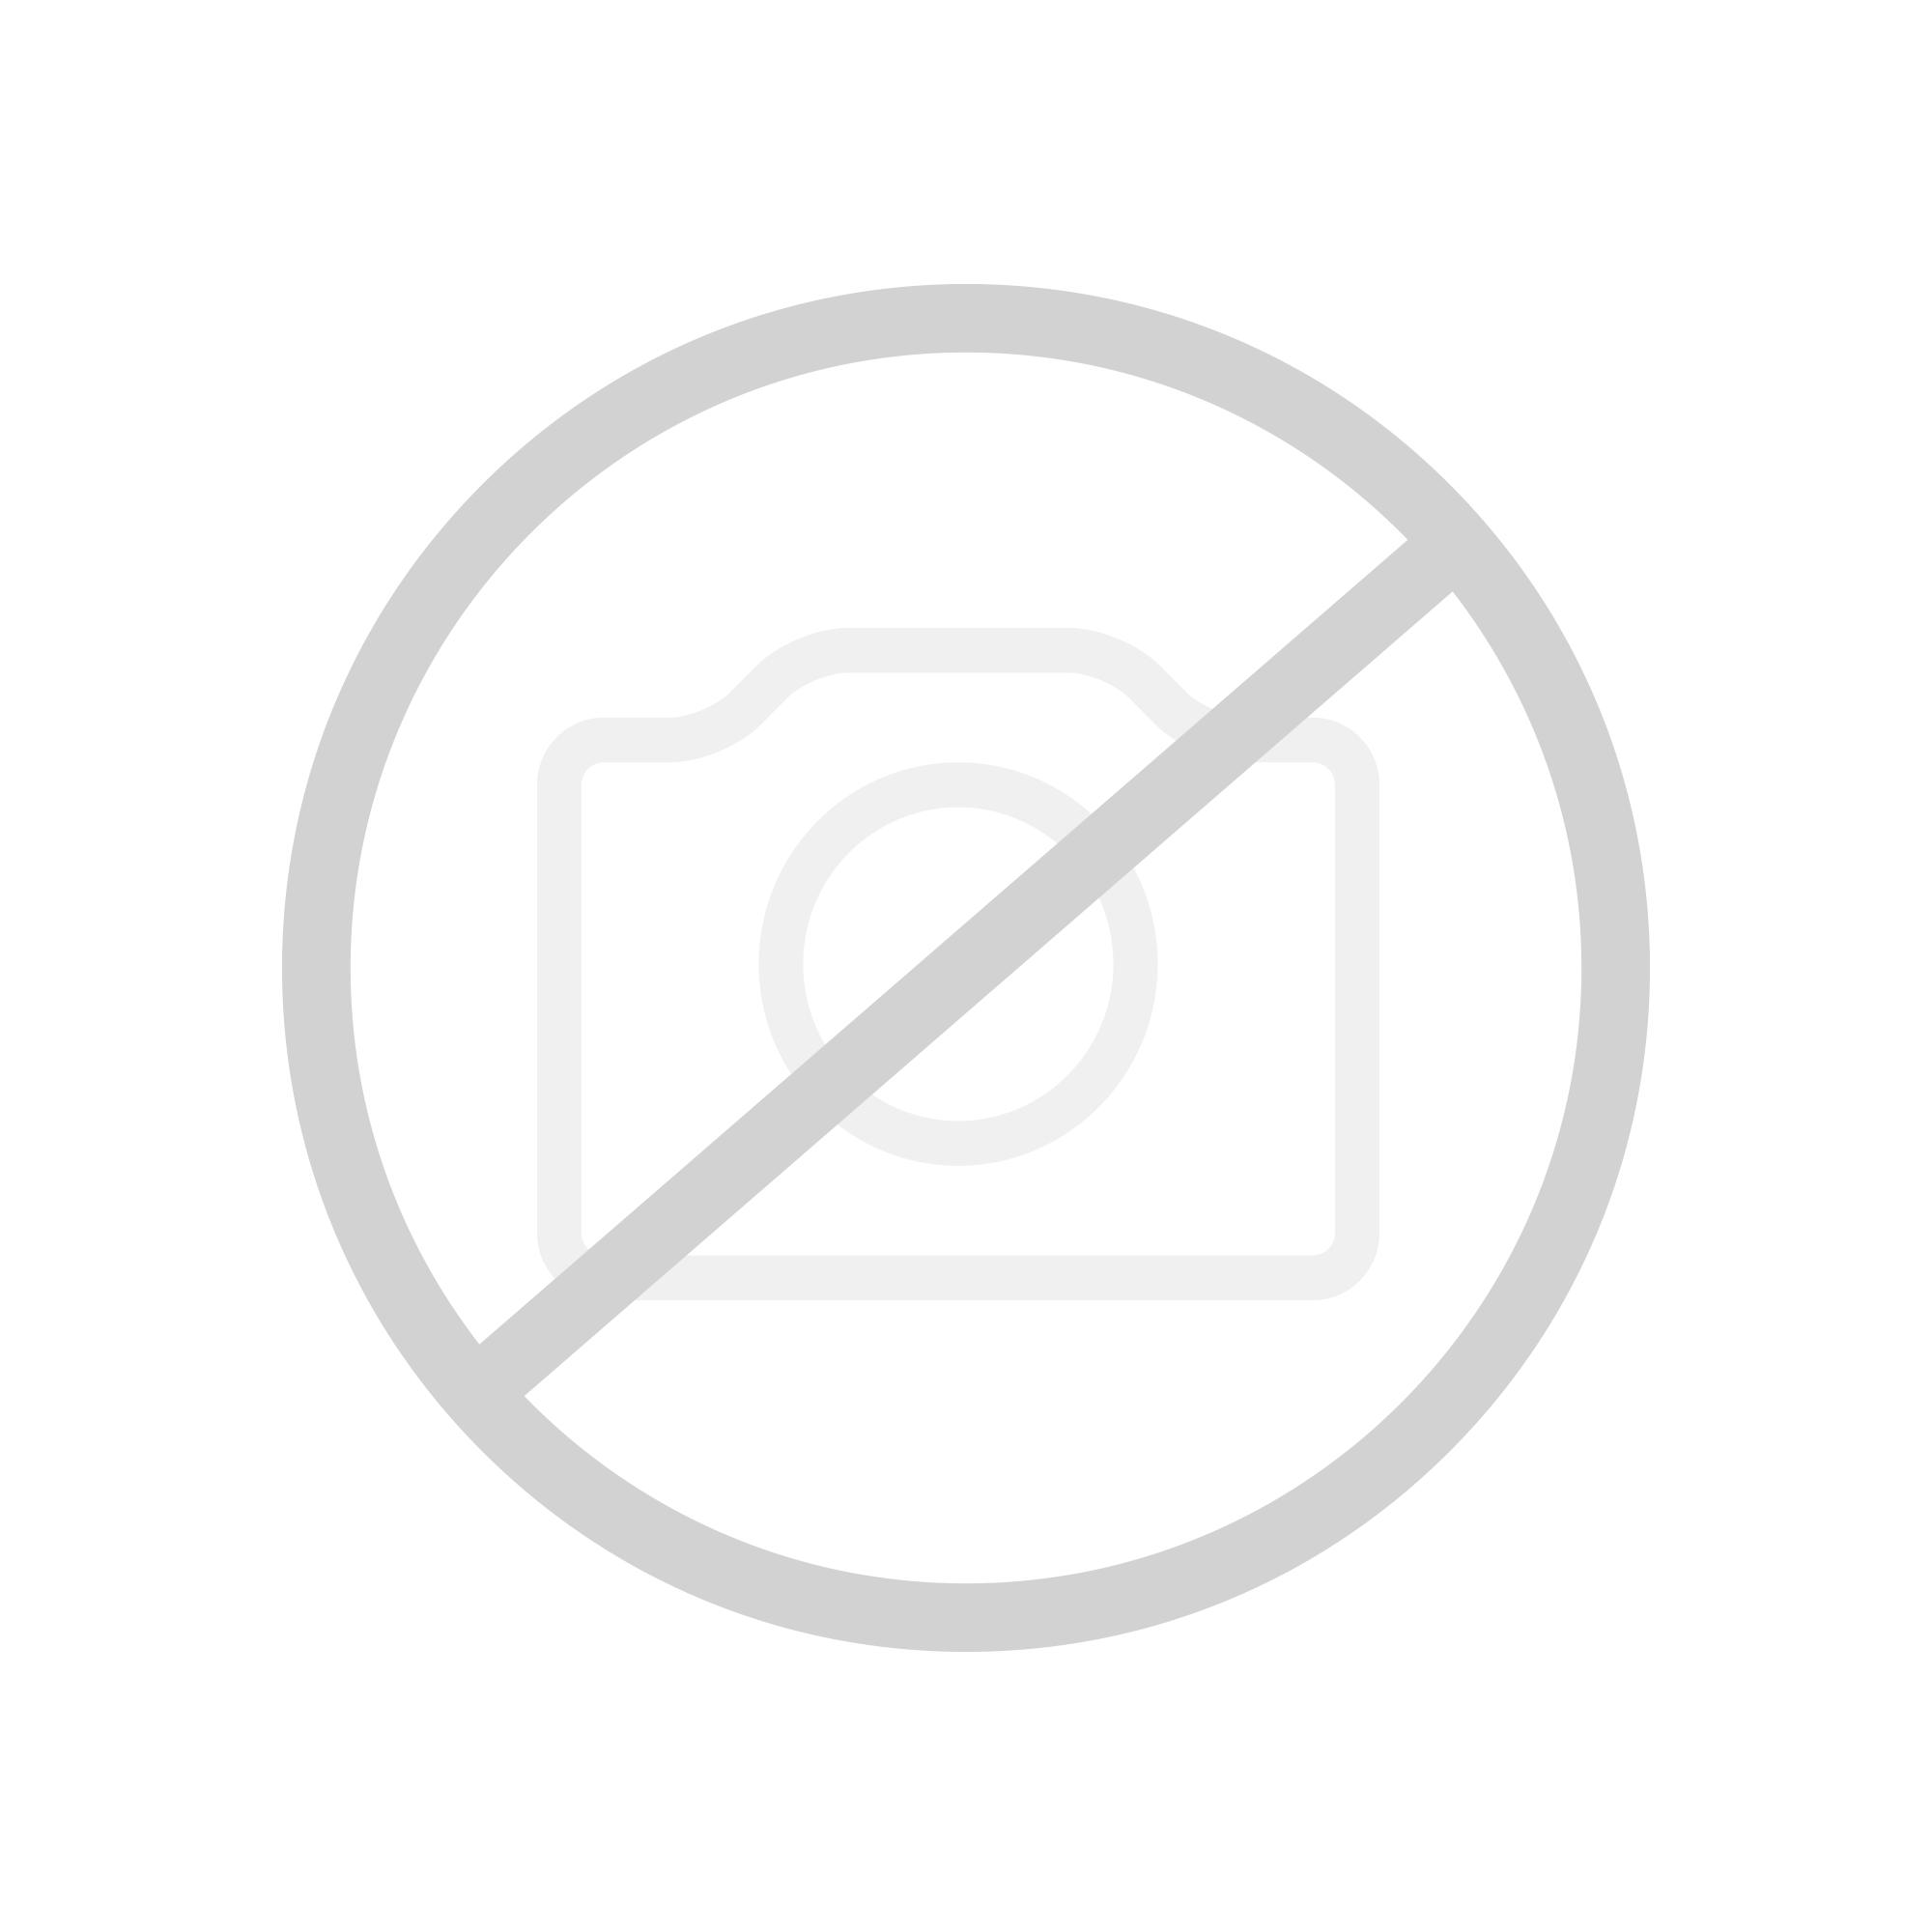 Victoria + Albert Monaco freistehende Badewanne weiß